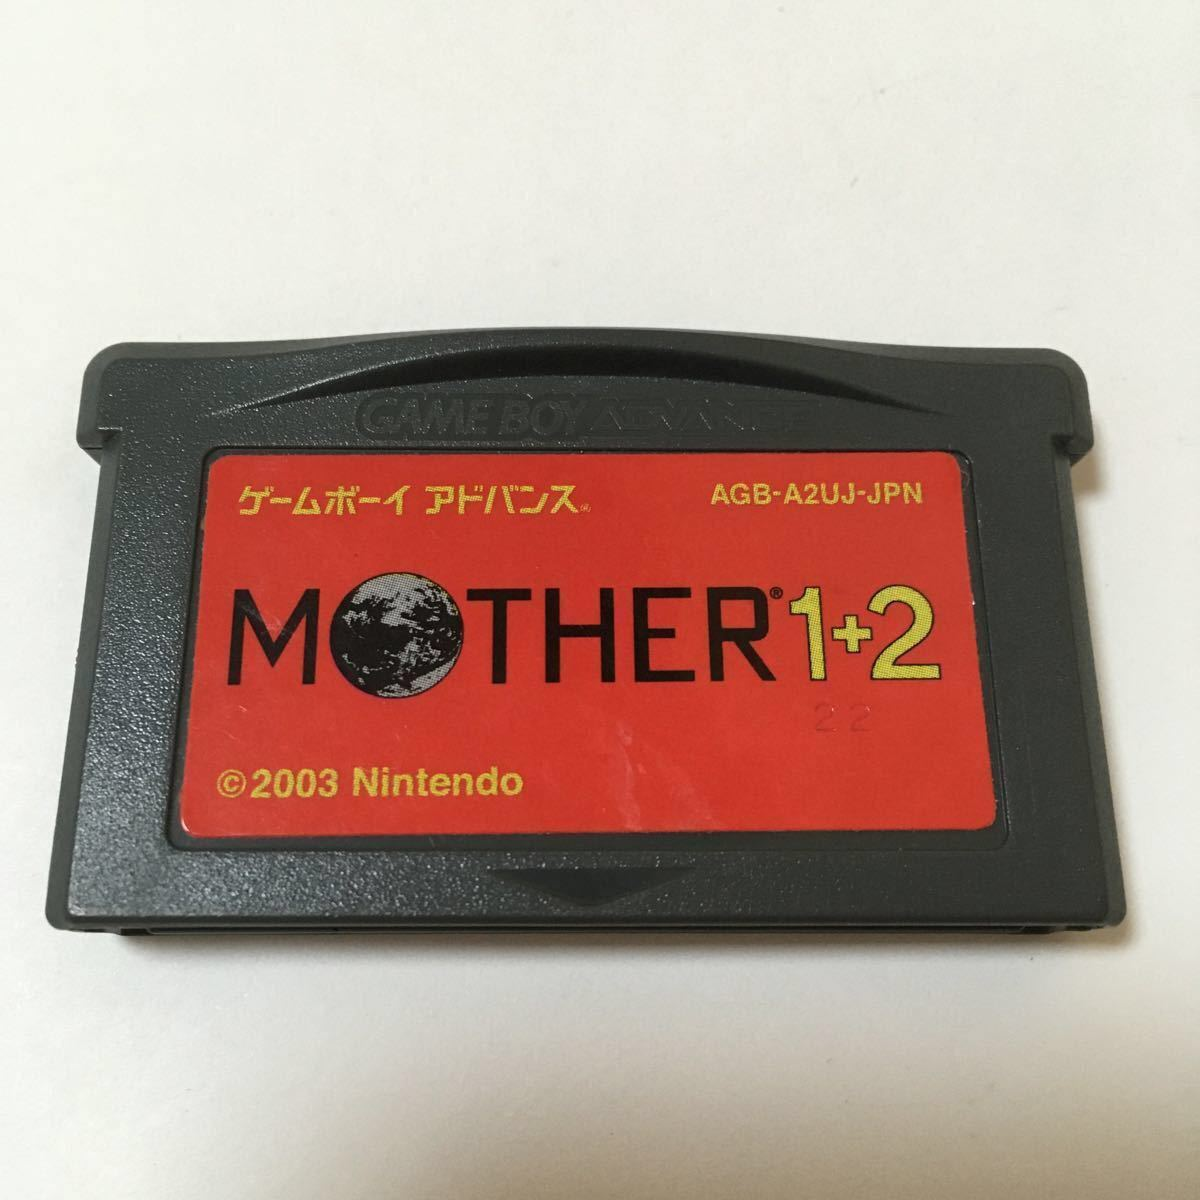 ゲームボーイアドバンス ソフト MOTHER1+2 マザー 動作確認済み レトロ ゲーム ネス スマブラ ファミコン スーファミ